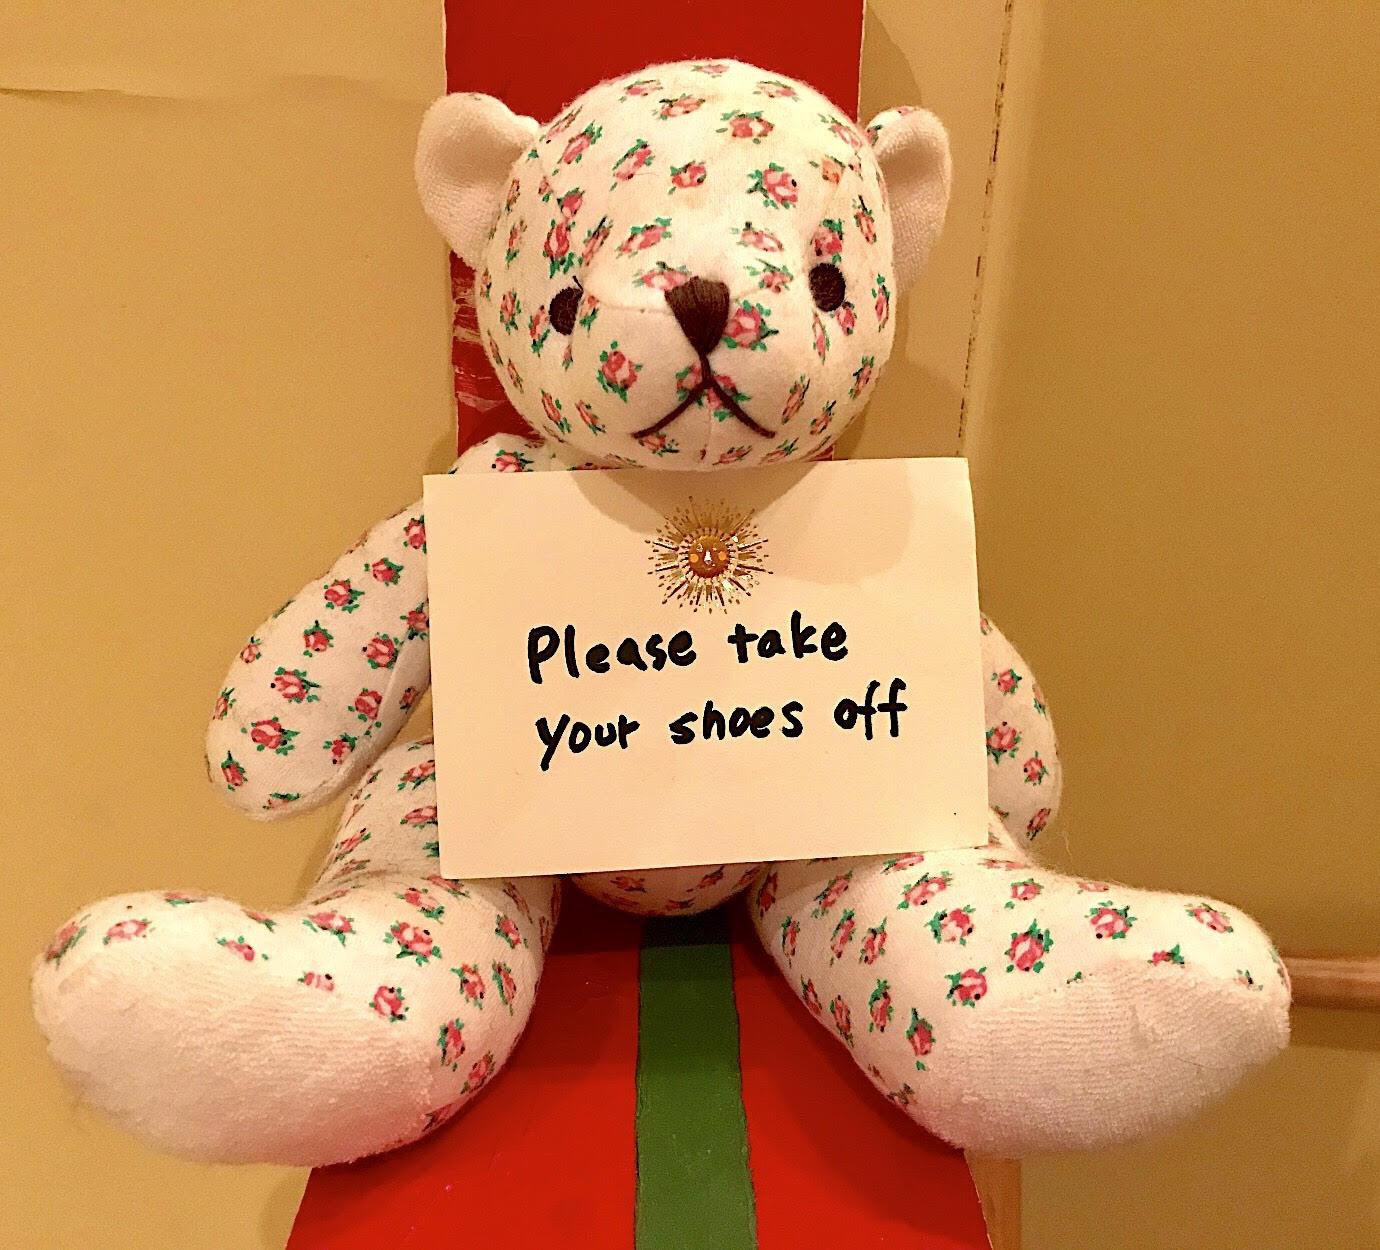 靴を脱いでくださいとの英語の看板を掲げる熊のぬいぐるみ